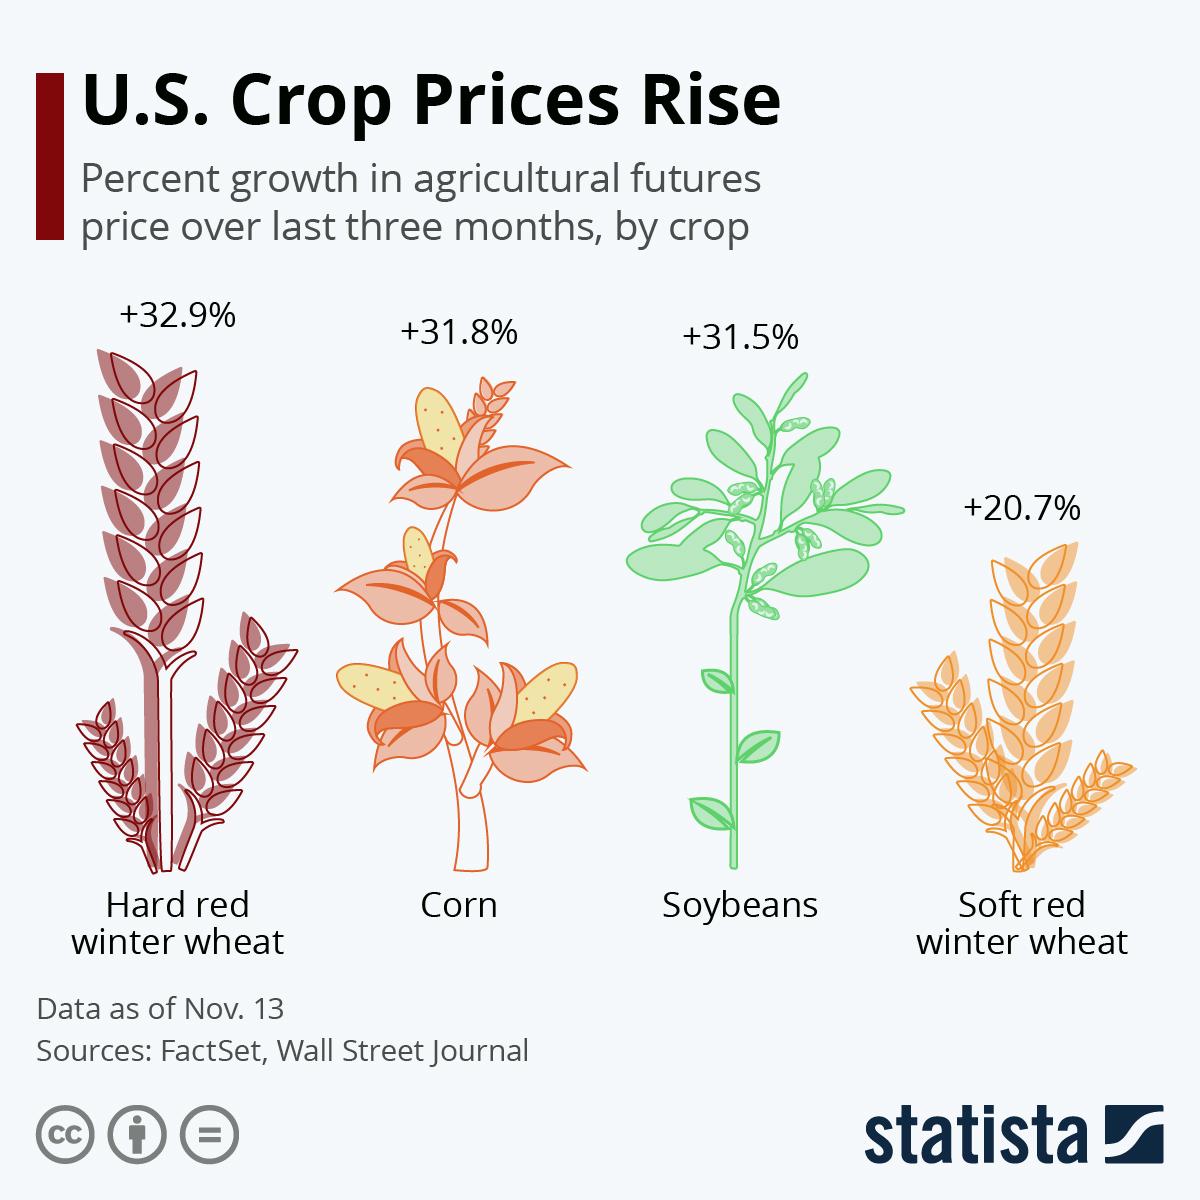 افزایش قیمت محصولات اساسی کشاورزی آمریکا در بازارهای جهانی